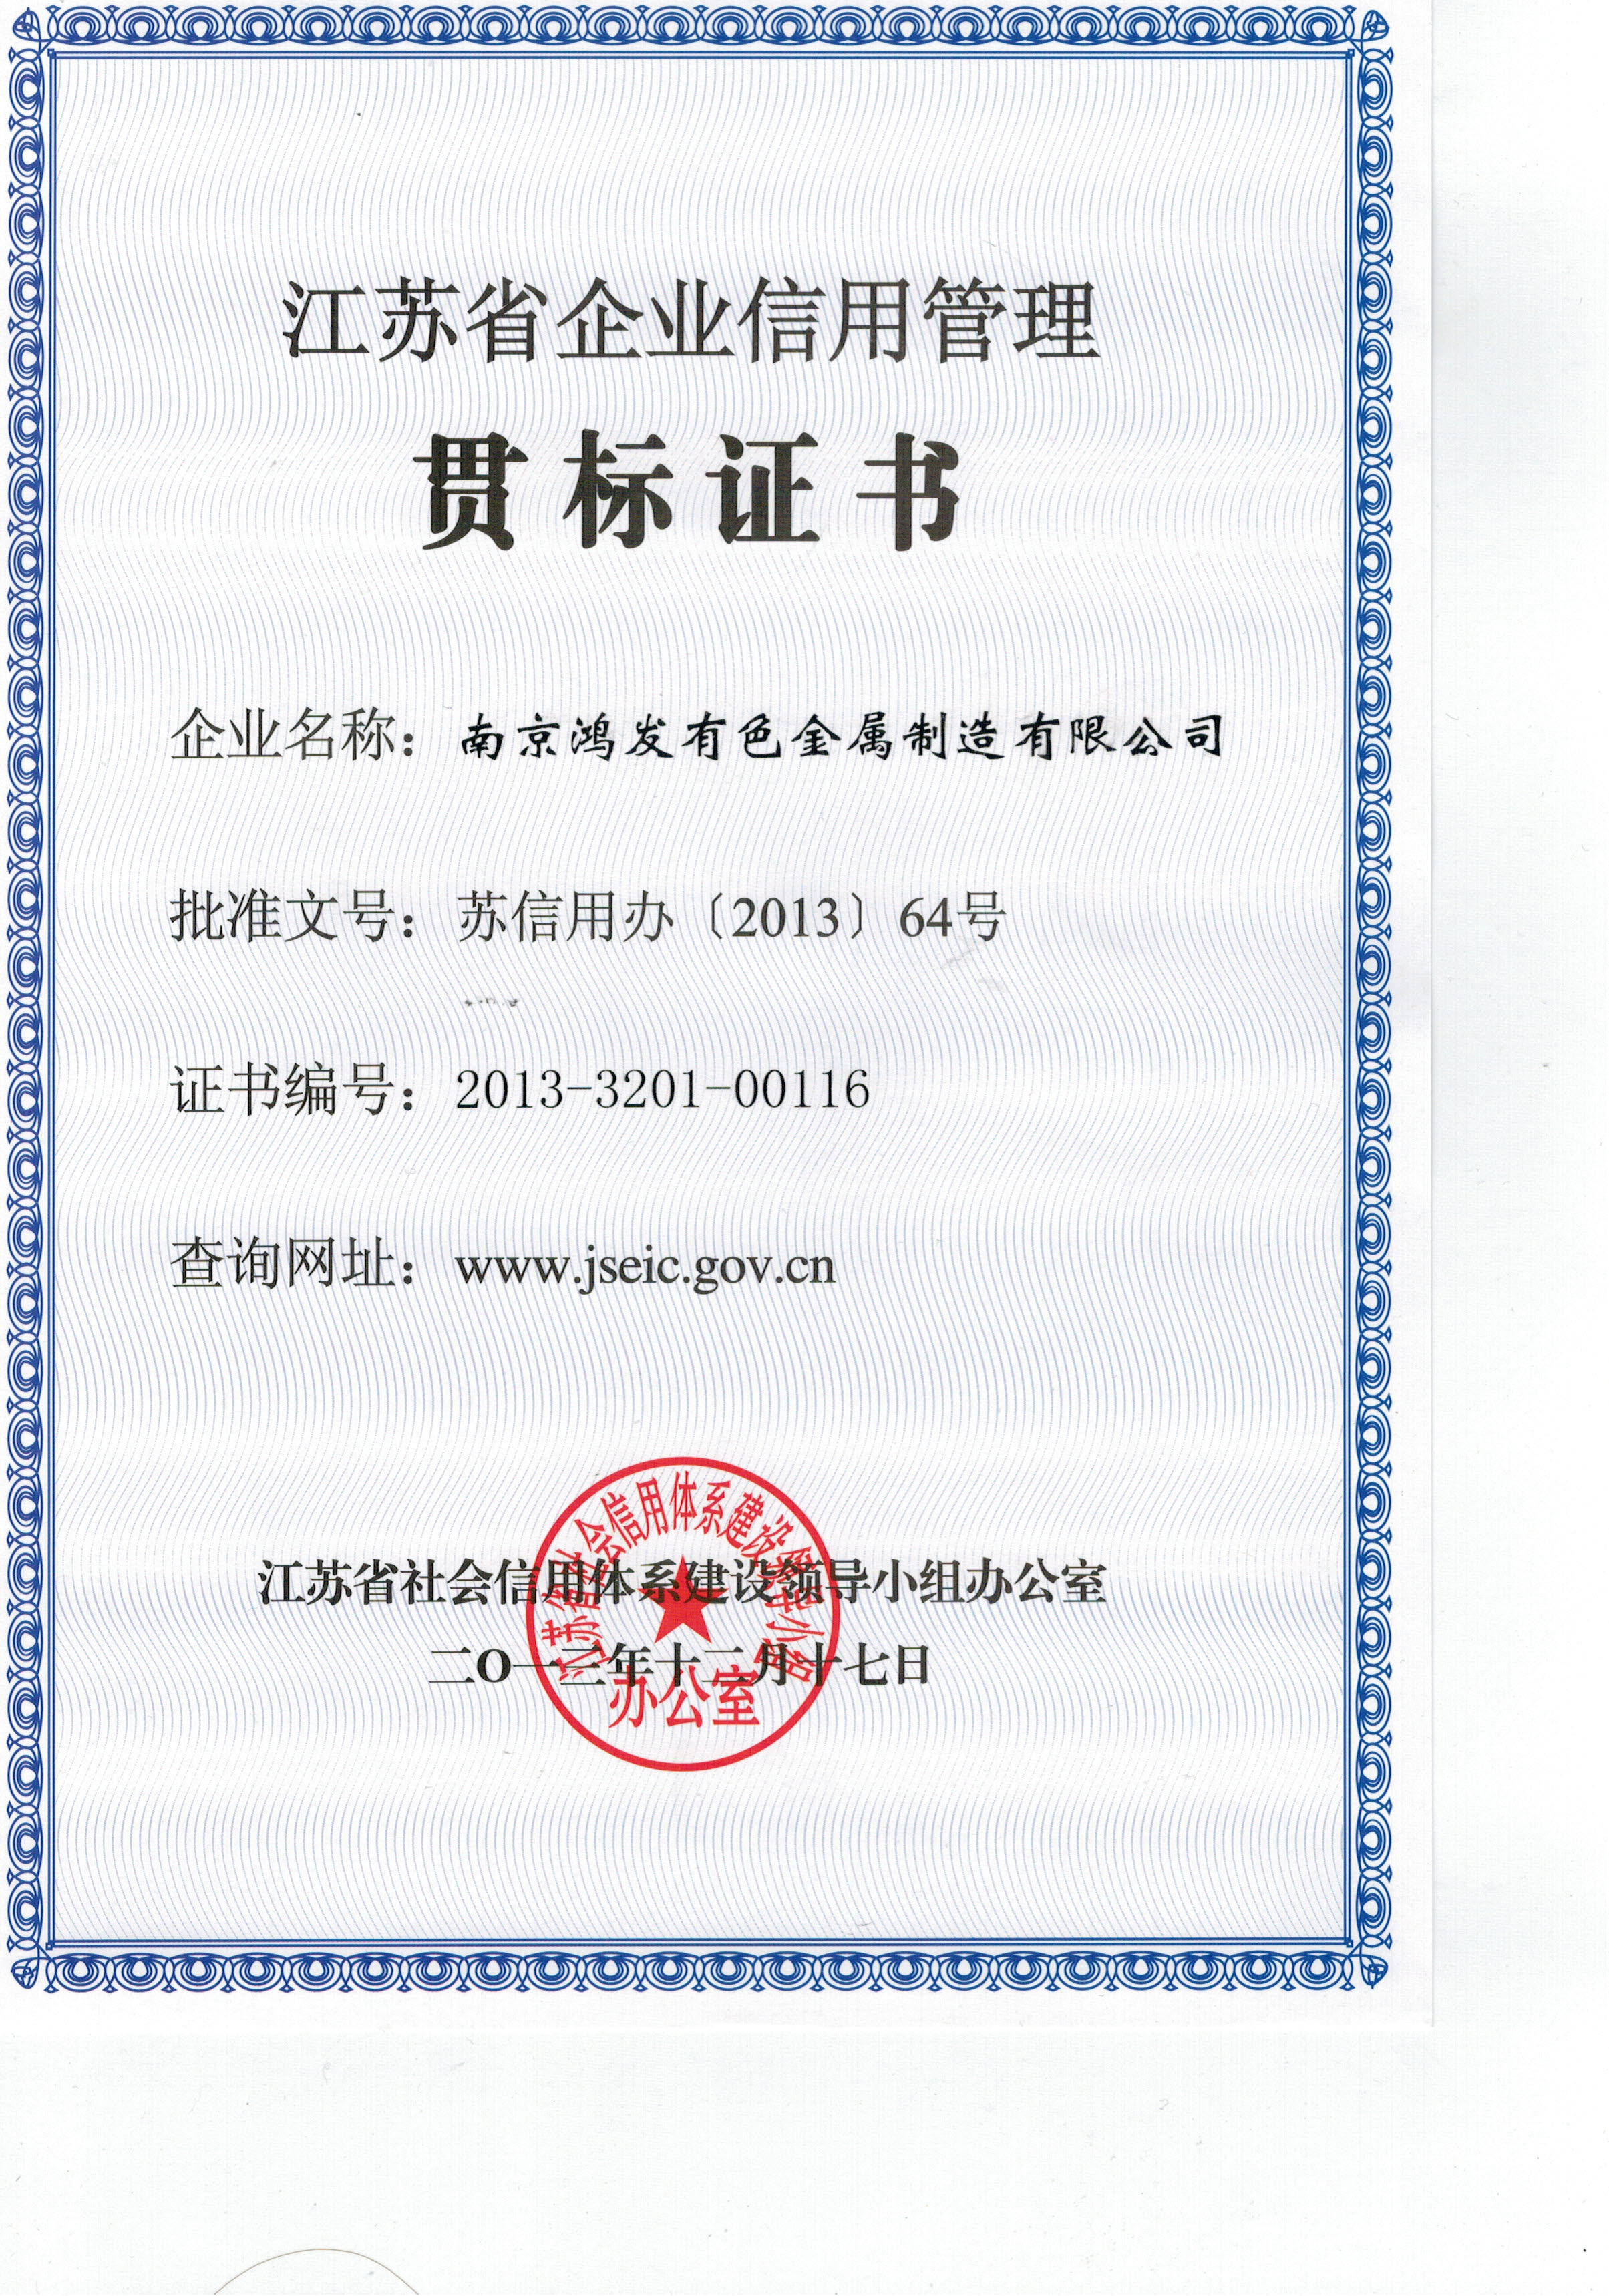 江苏省信用管理贯标企业